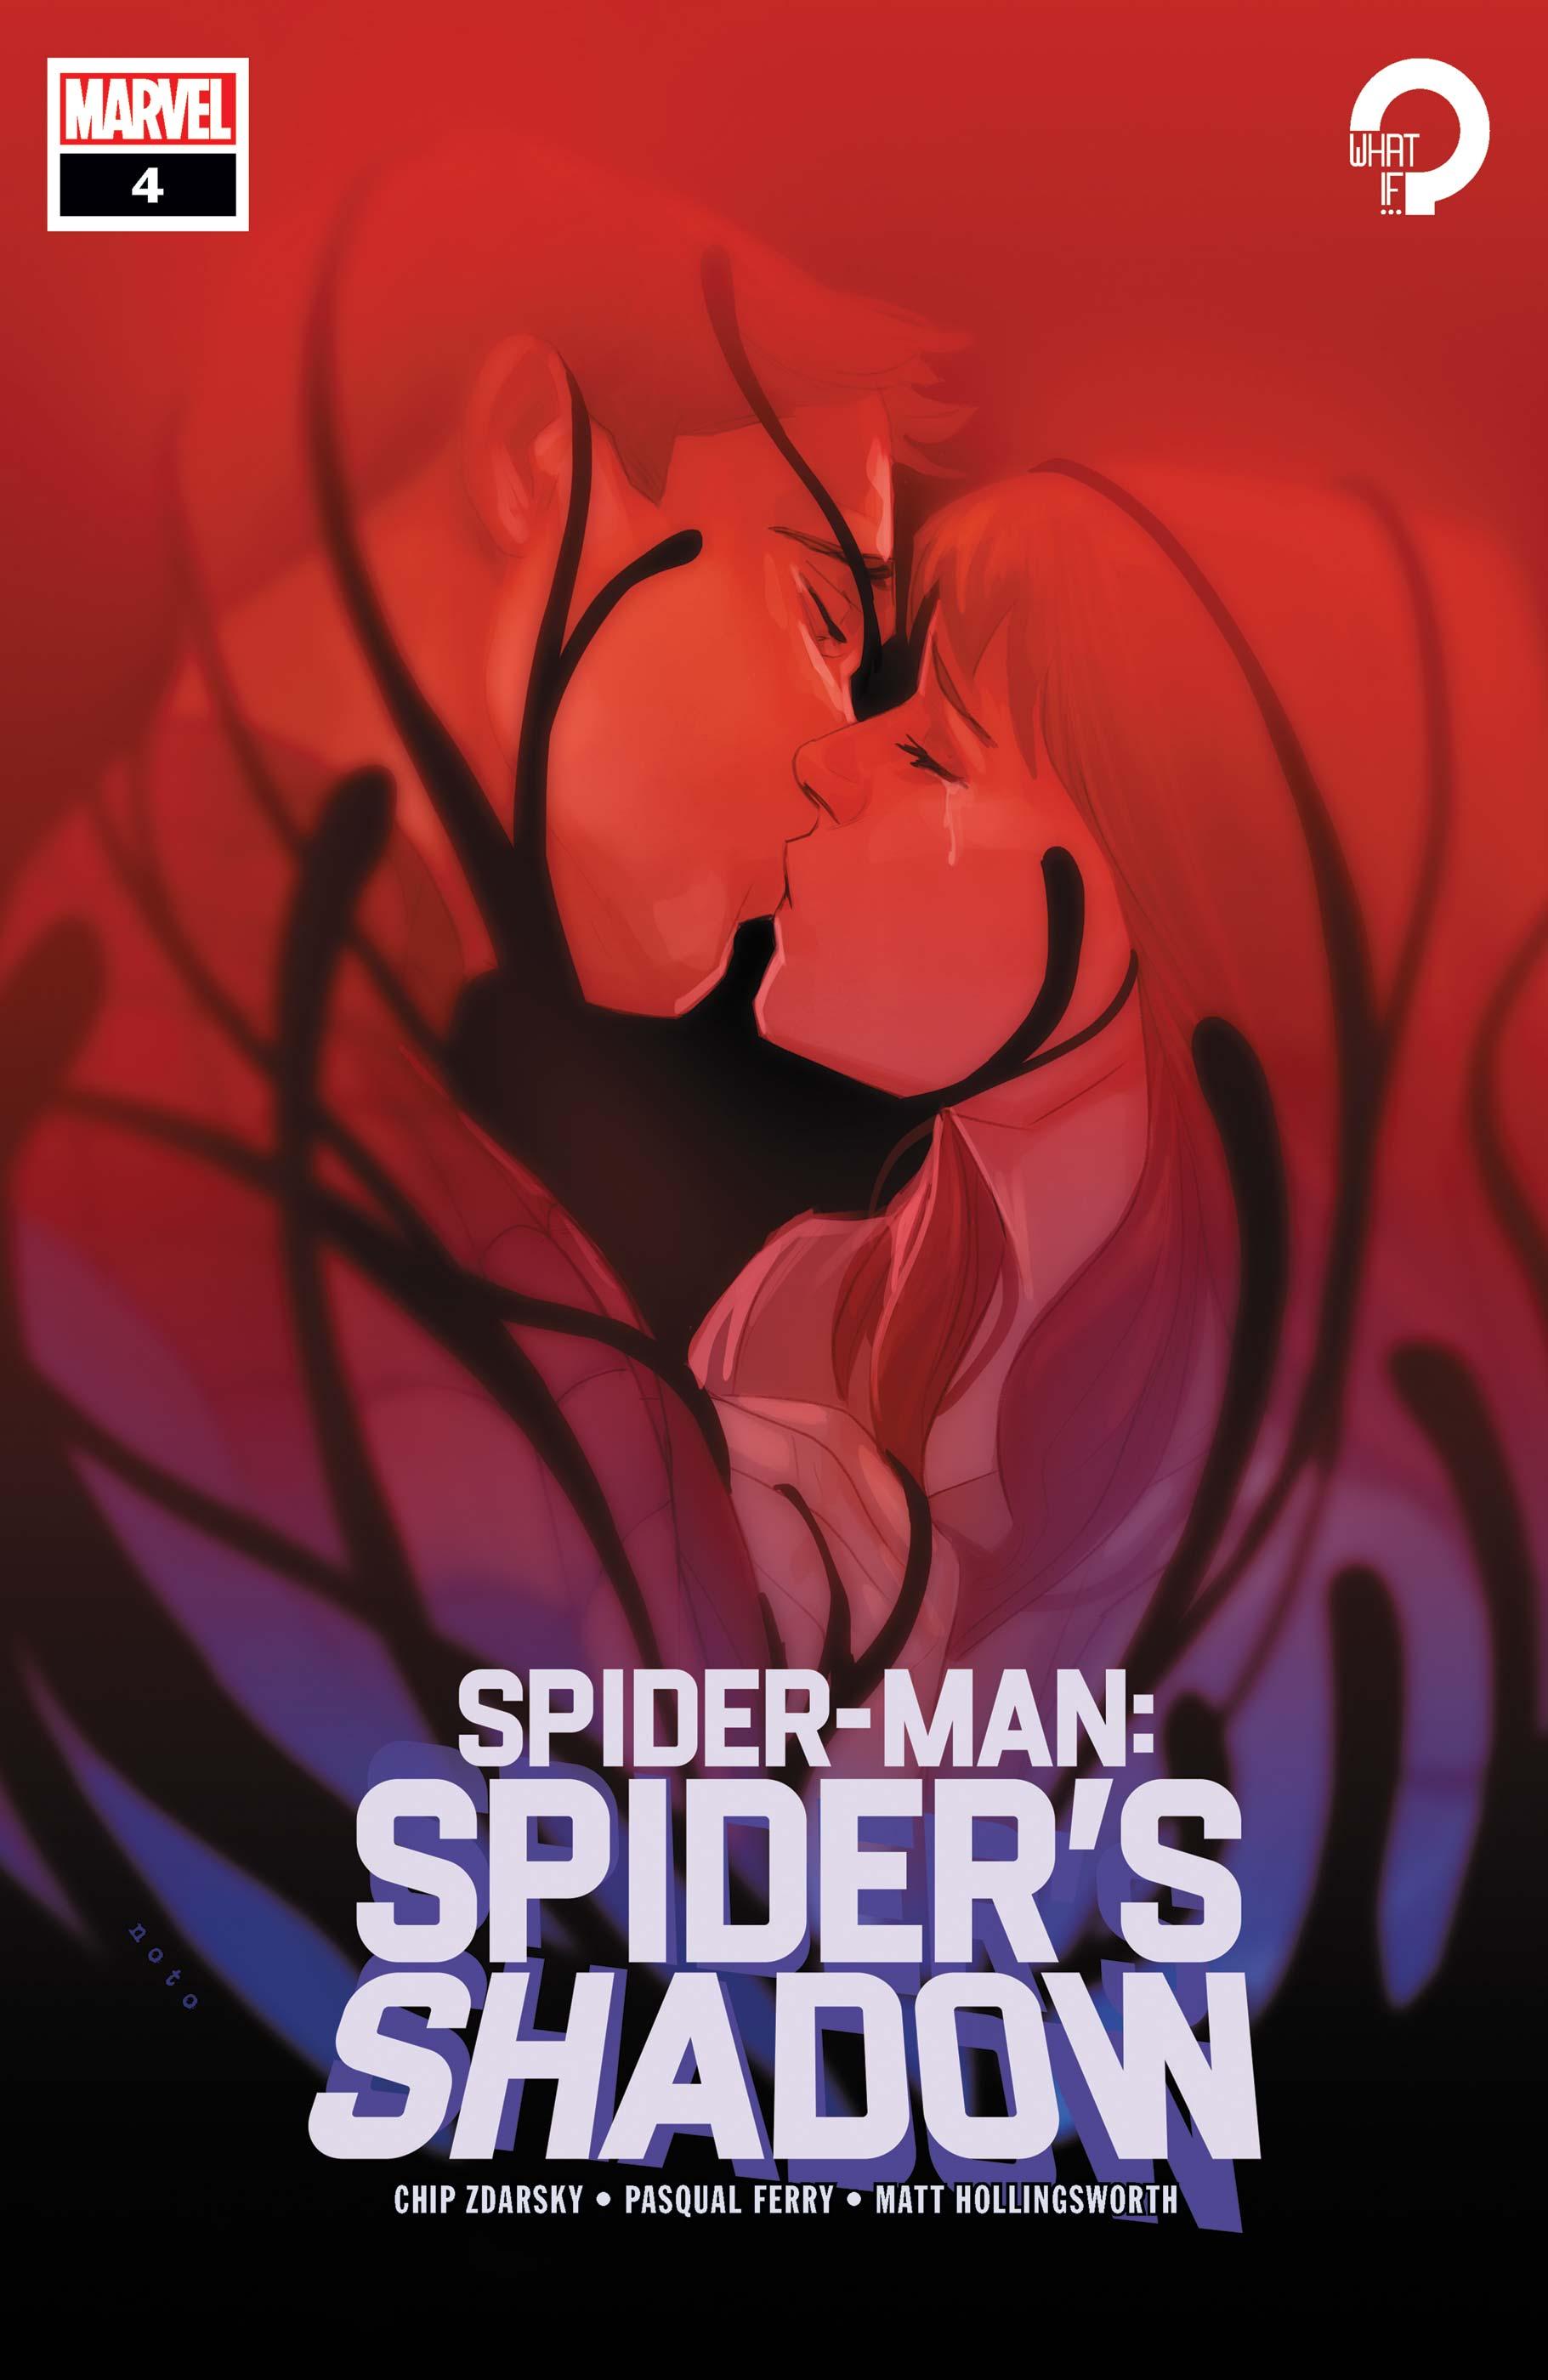 Spider-Man: Spider's Shadow (2021) #4